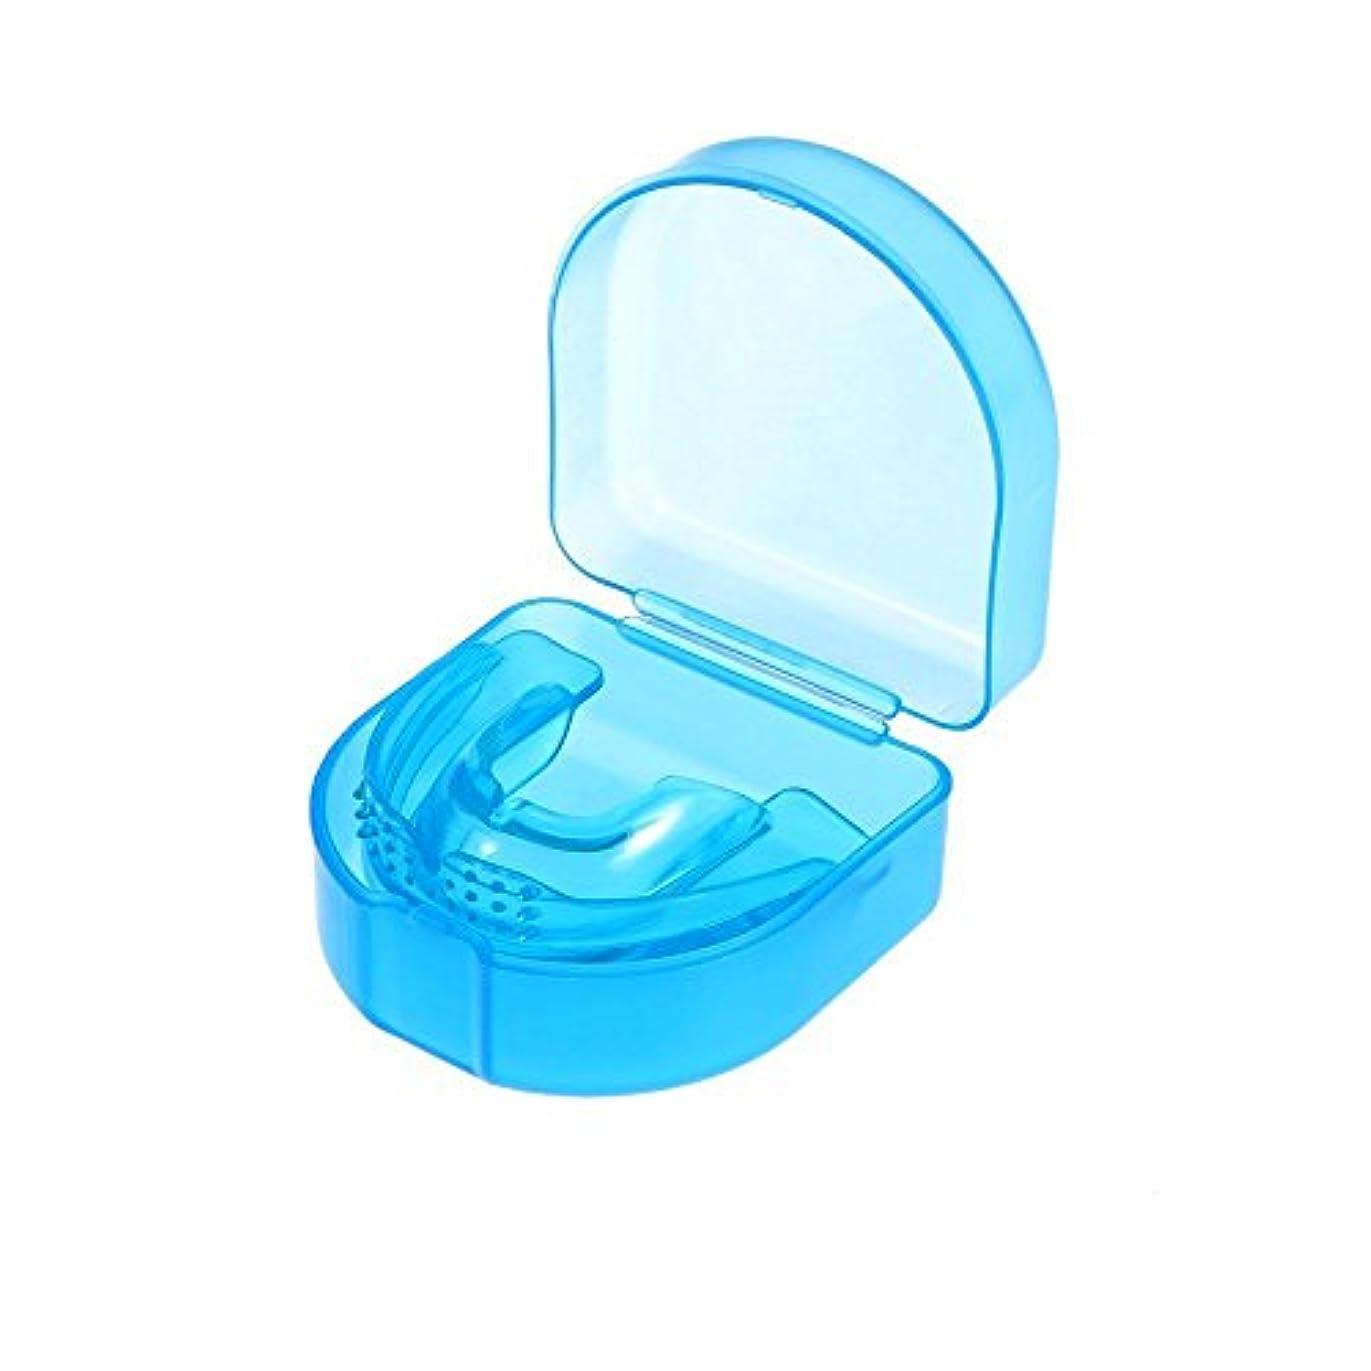 持続する共感する顔料Dental Tooth Orthodontic Trainer Teeth Alignment Straight Teeth Appliance Adult Mouthpieces Brace Dental Tray...